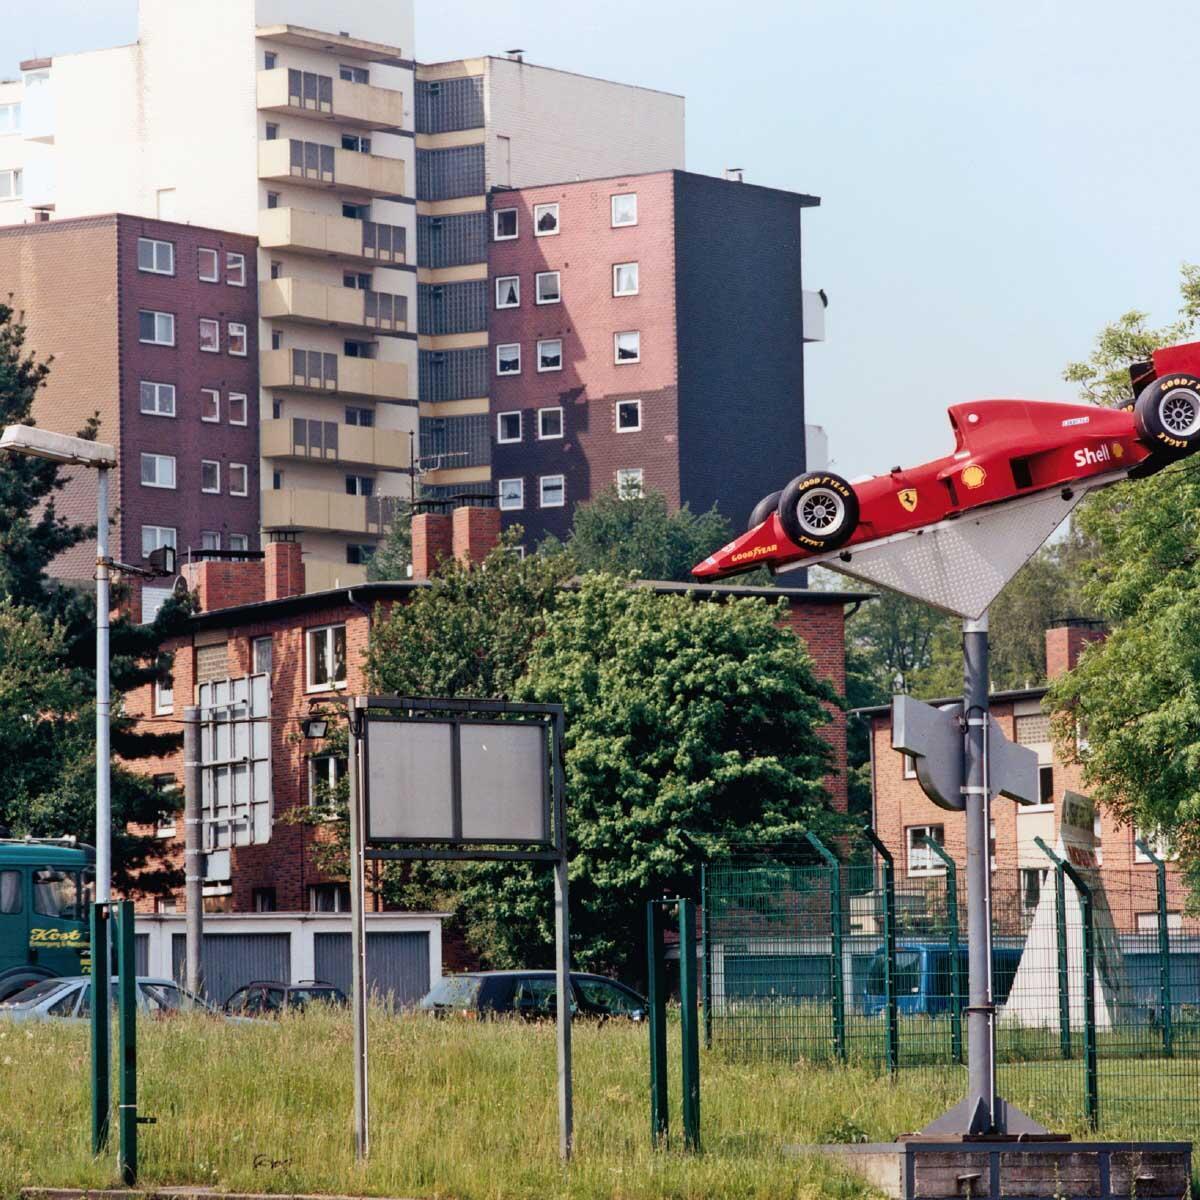 Am Rand von Herne, 2002. Bild von Peter Liedtke aus dem Pixelprojekt Ruhrgebiet